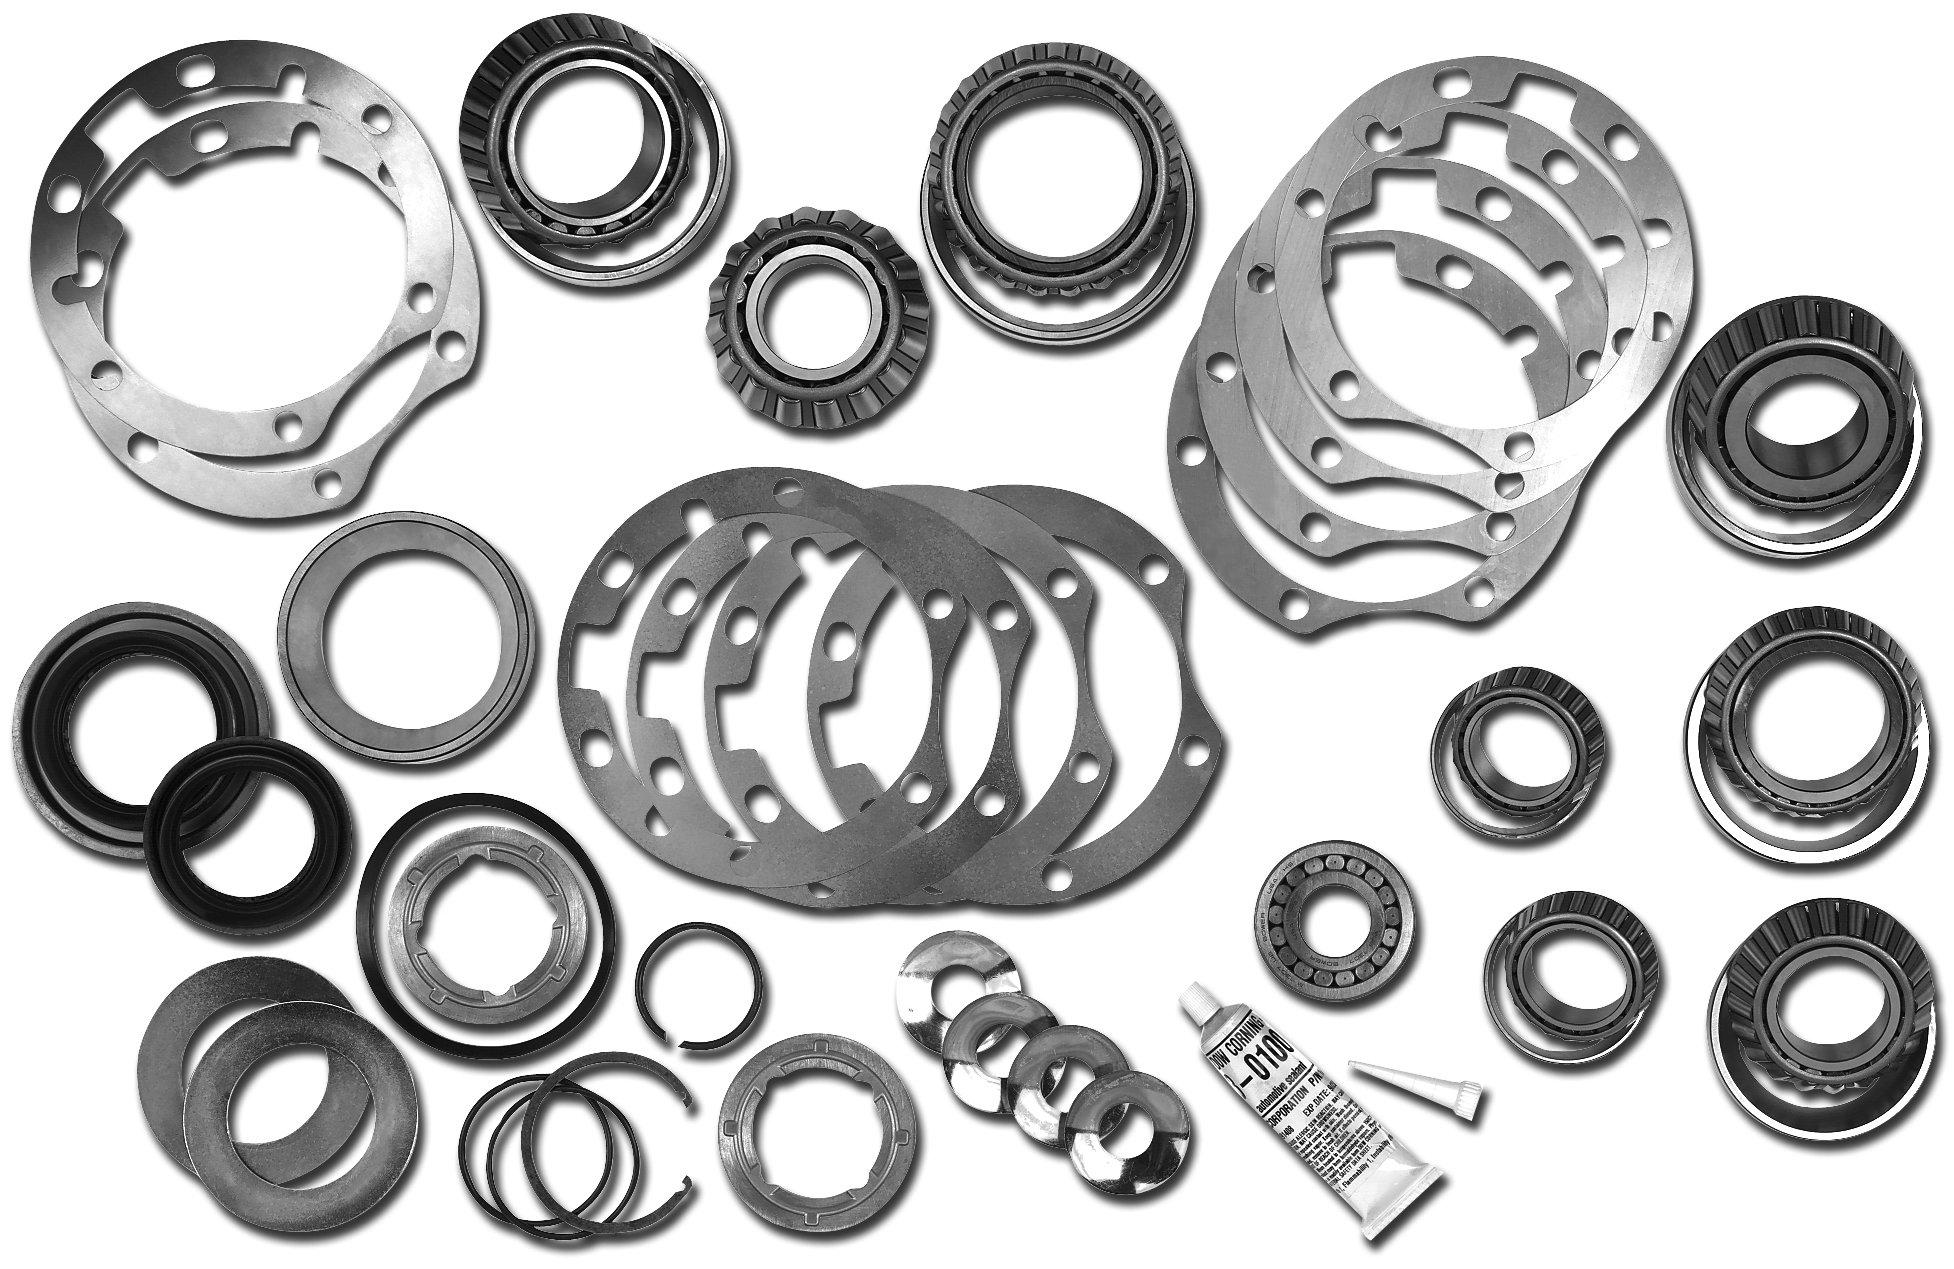 Dana Spicer 2017091 Master Axle Overhaul Kit for 98-02